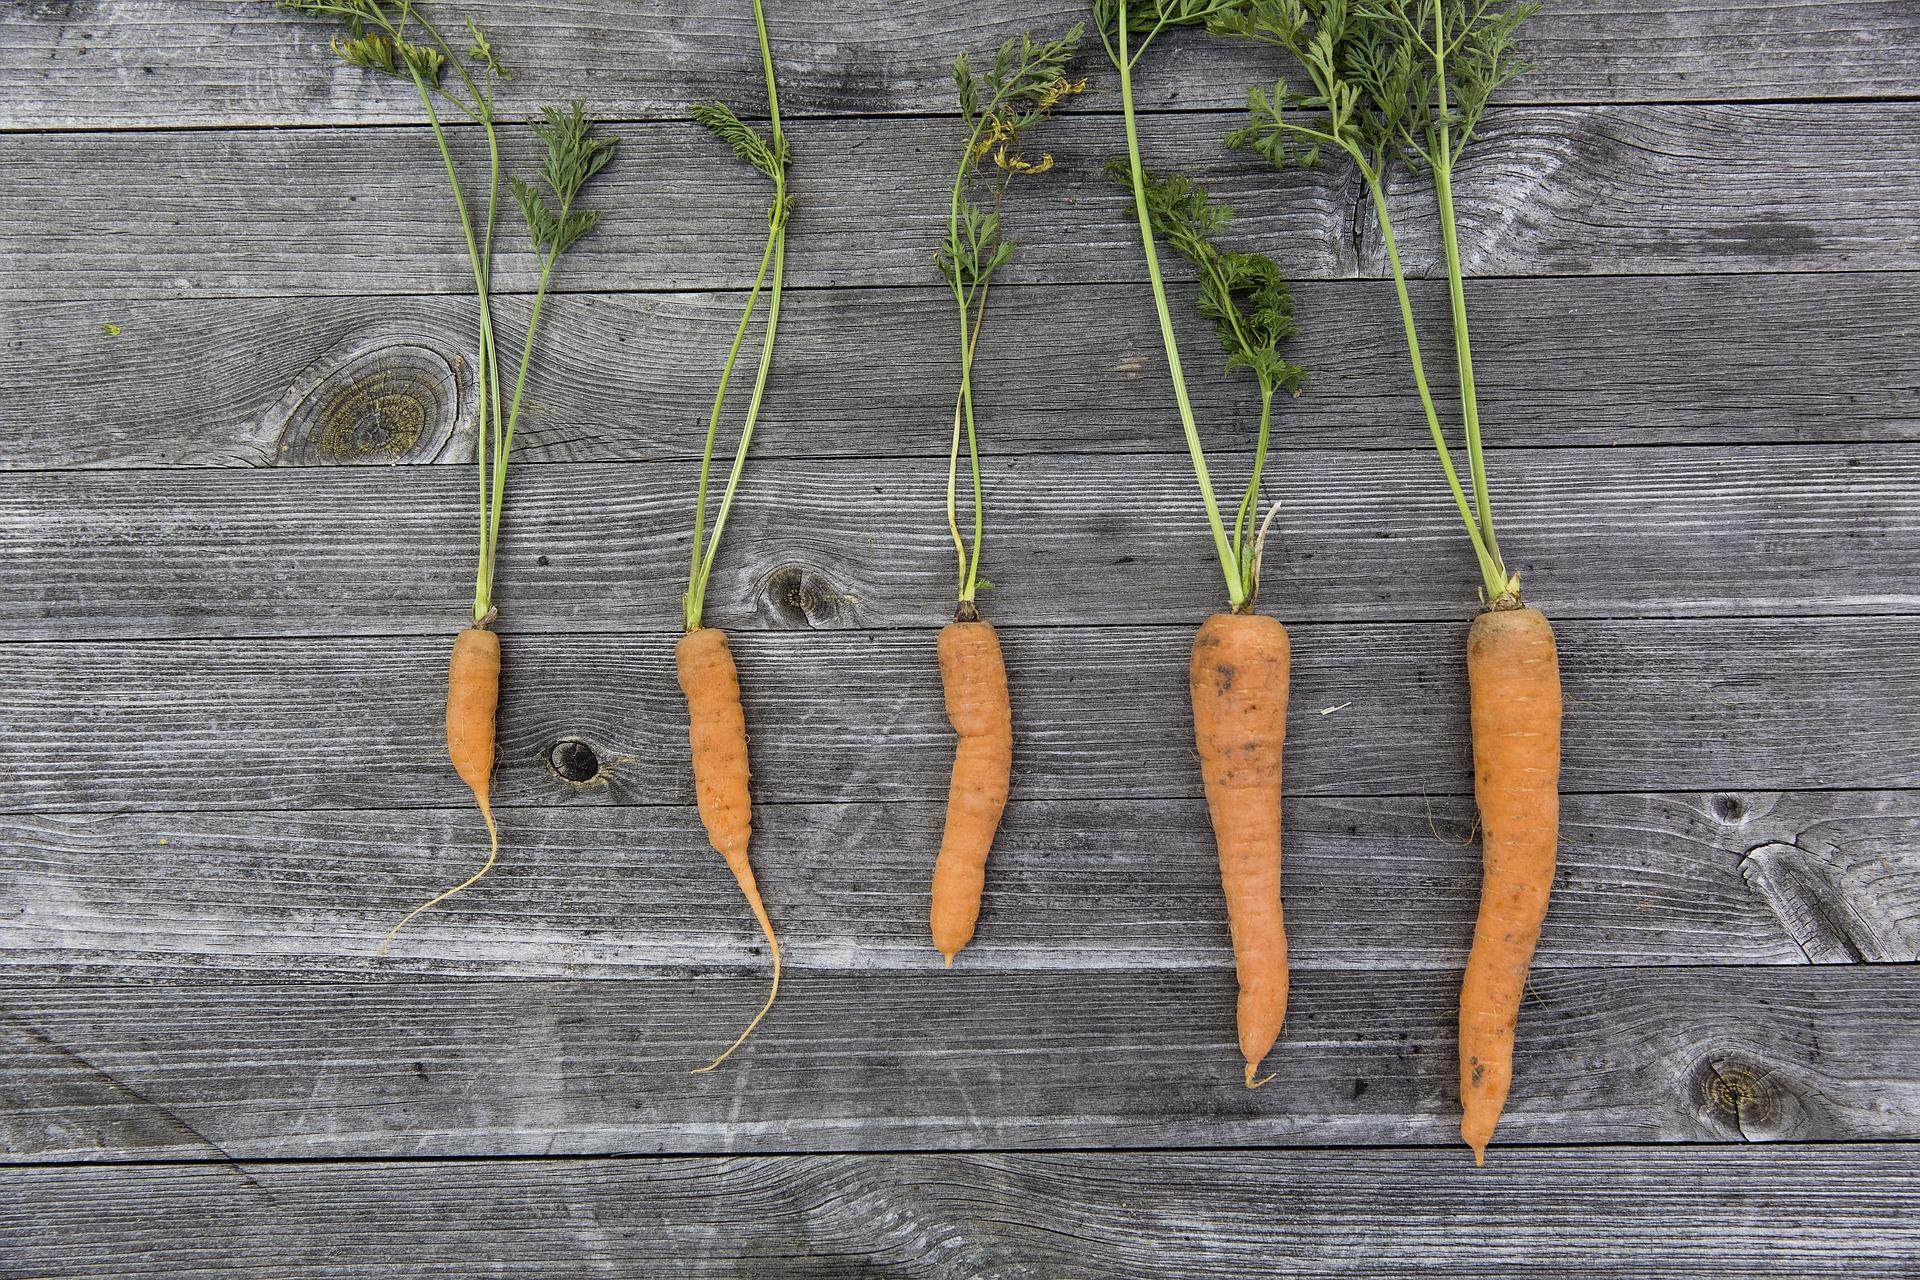 La zanahoria se ha convertido en uno de los vegetales más utilizados en repostería